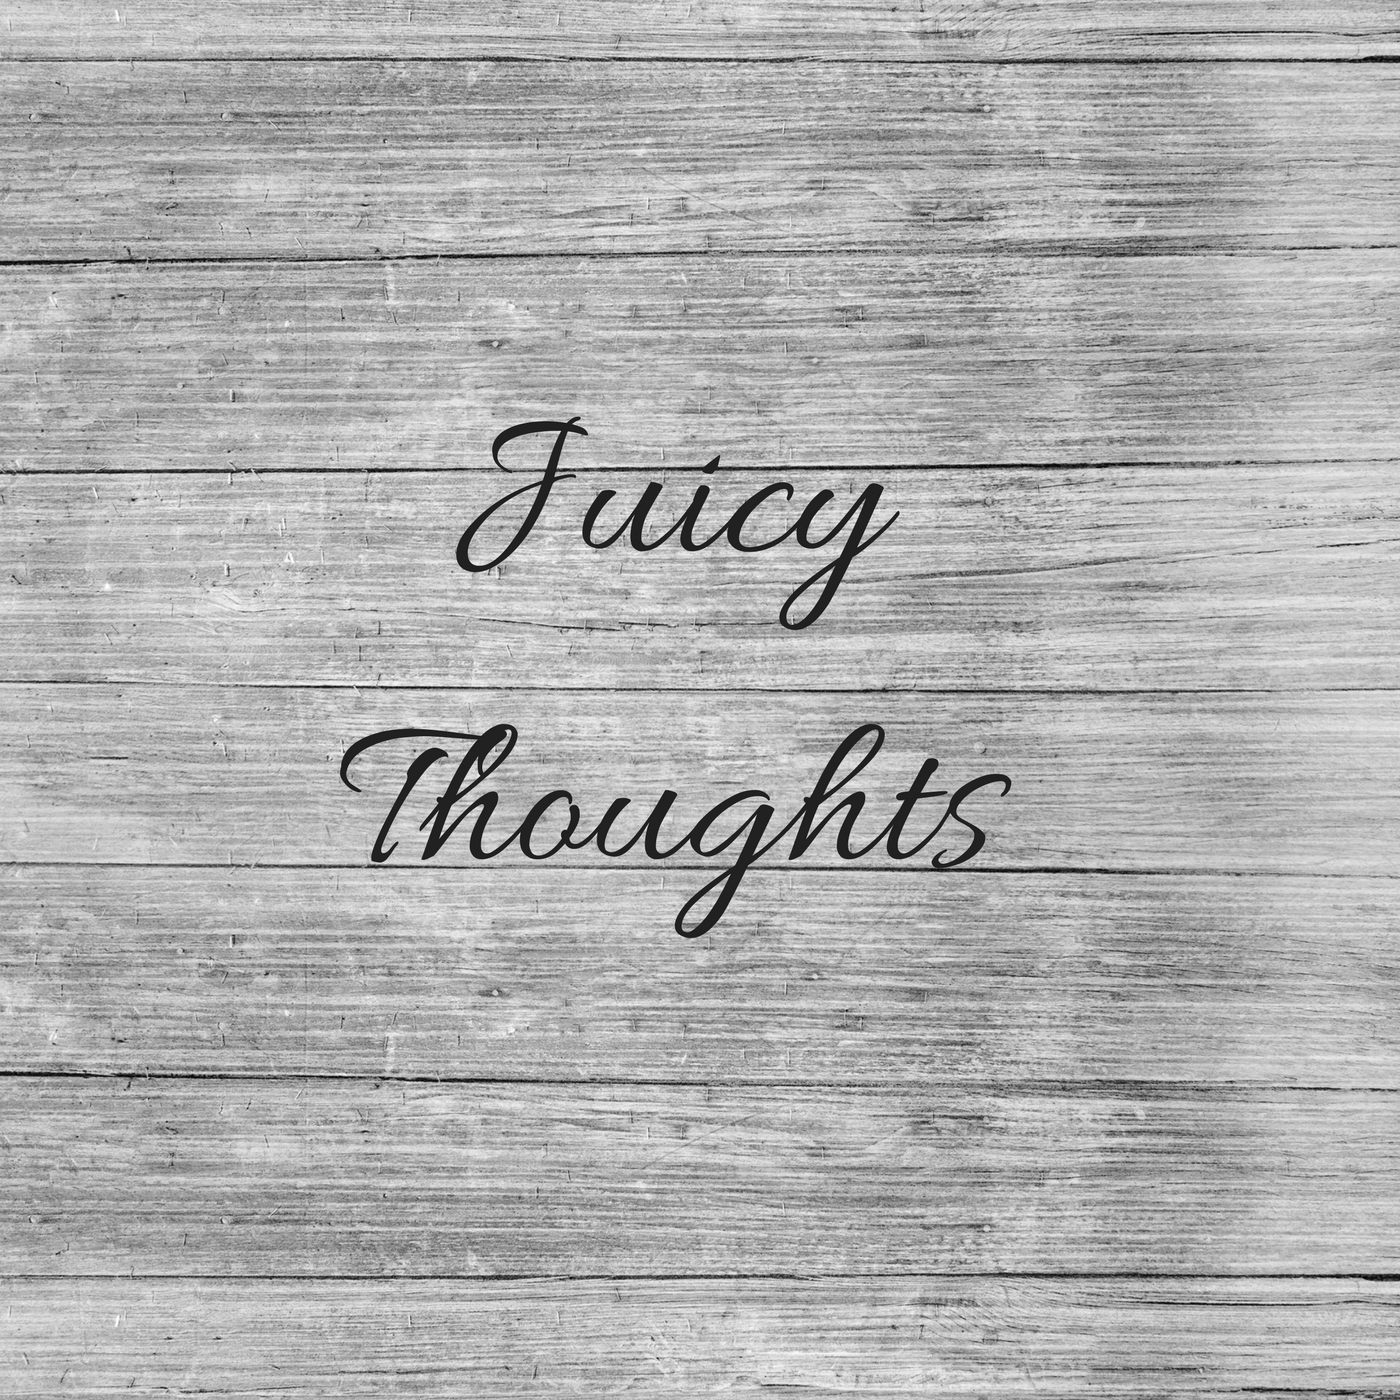 Juicythoughts.jpg